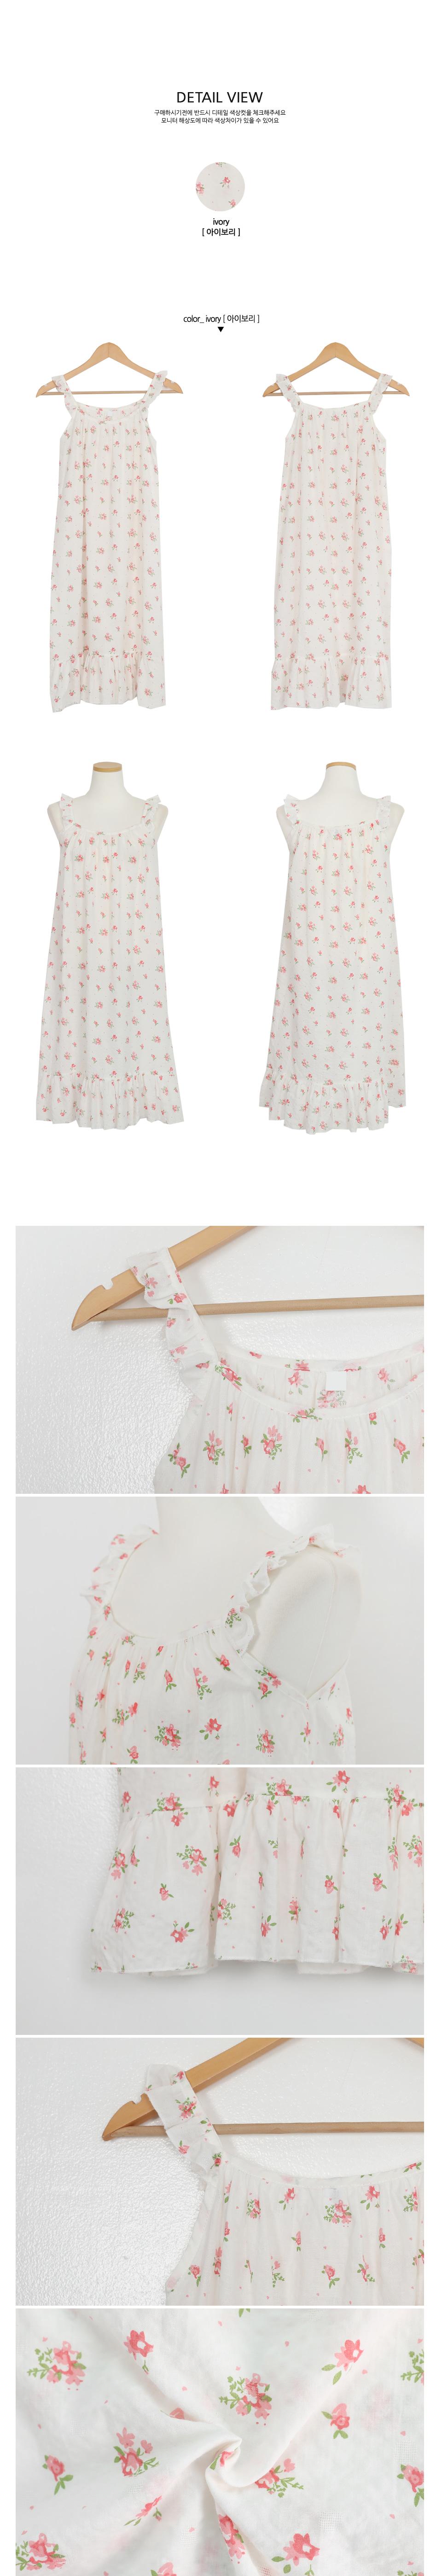 Small frill dress